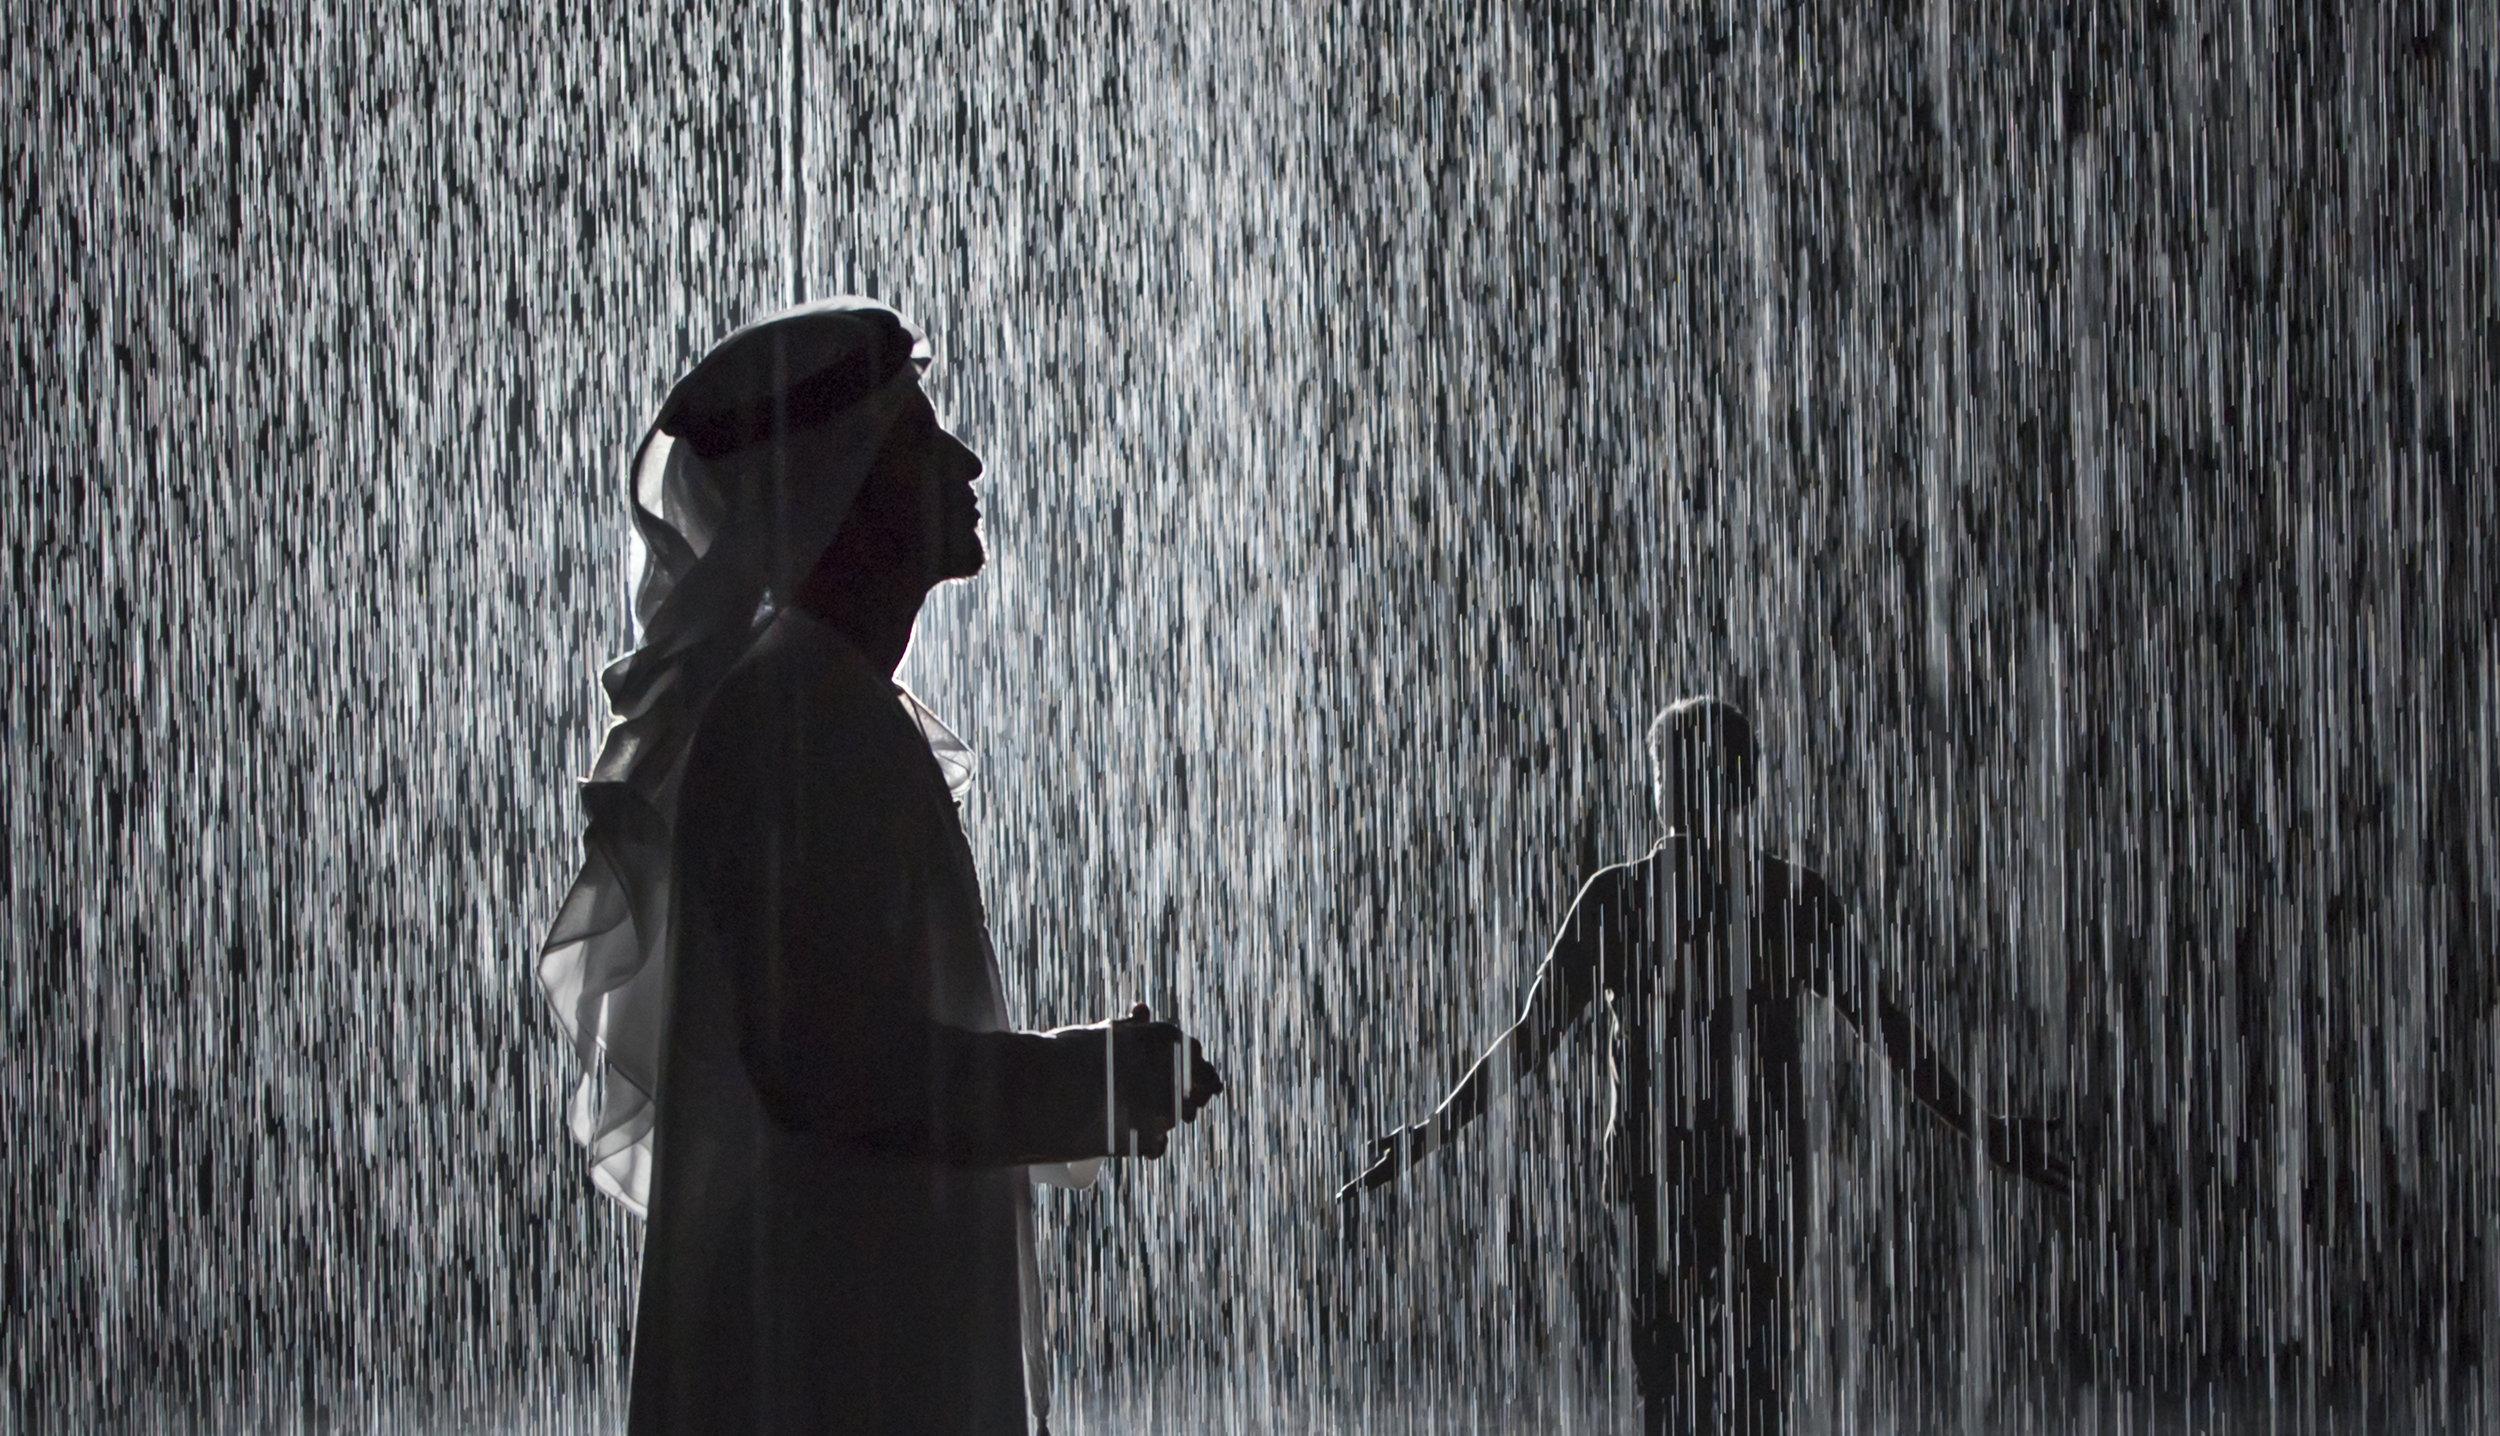 Random International, Rain Room,2012. Exhibited at Sharjah Art Foundation, 2018. Image courtesy of Sharjah Art Foundation